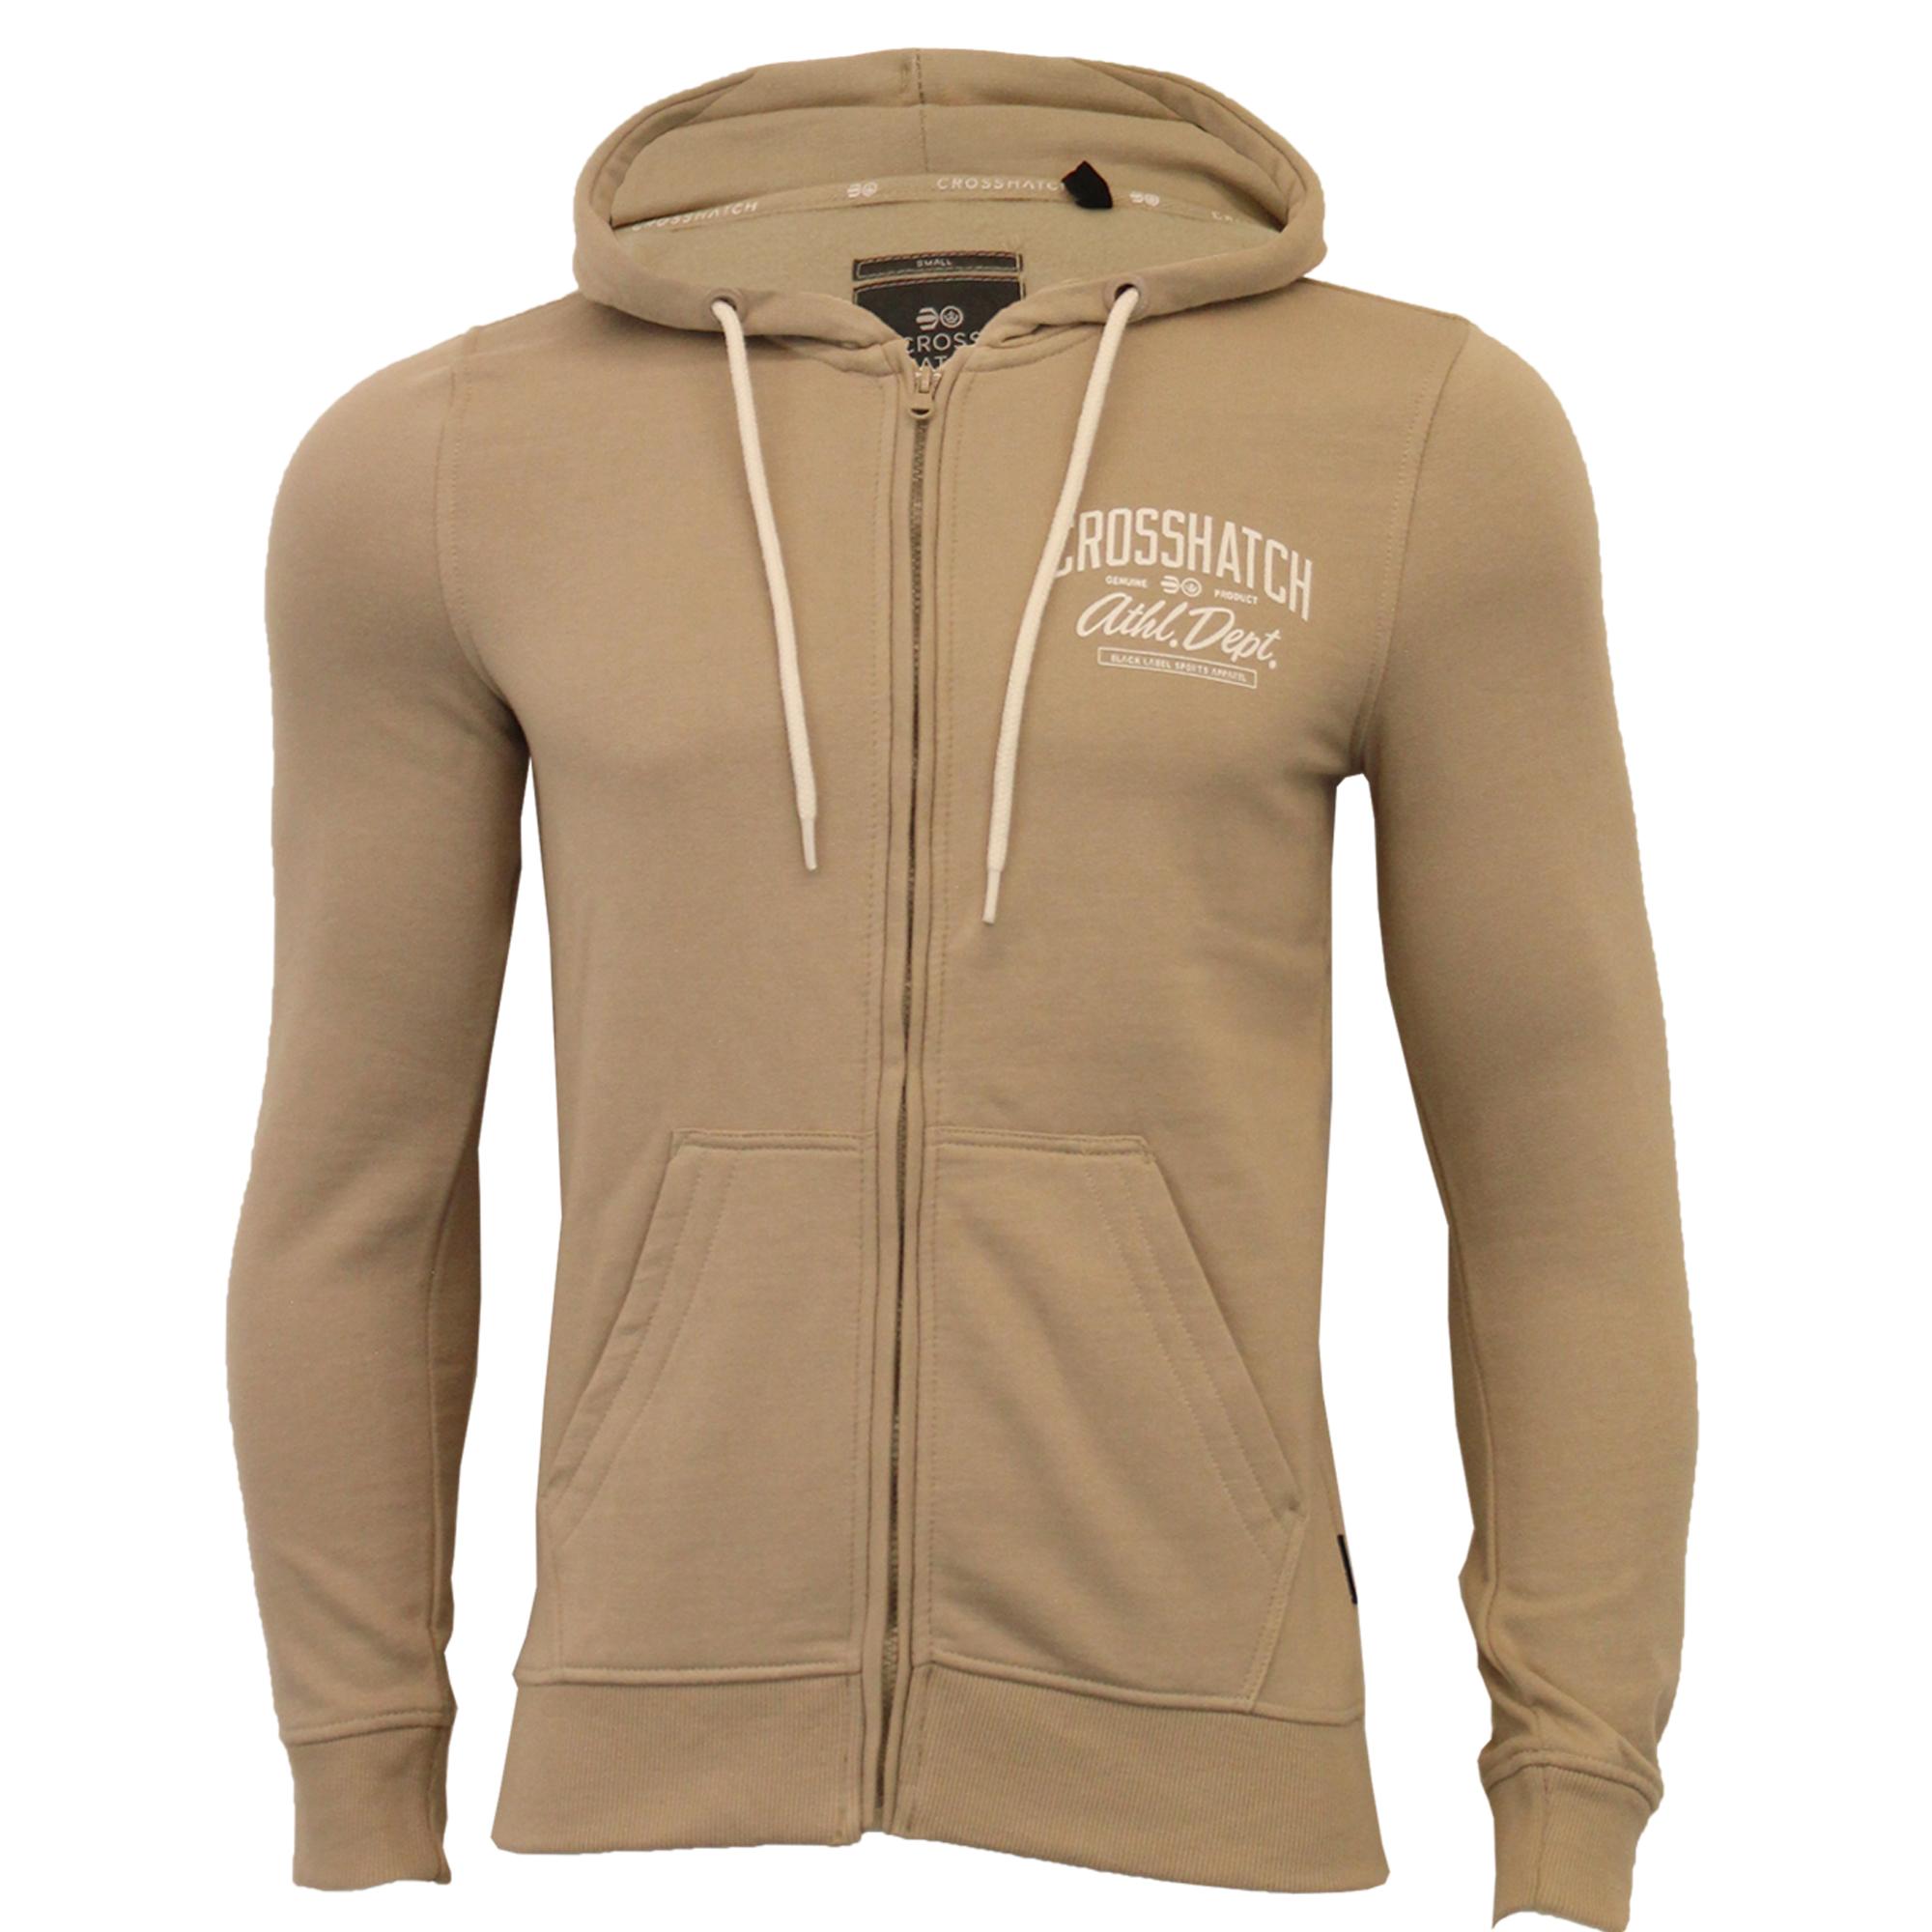 Mens-Sweatshirt-Crosshatch-Over-The-Head-Hoodie-Printed-Zip-Pullover-Top-Fleece thumbnail 23